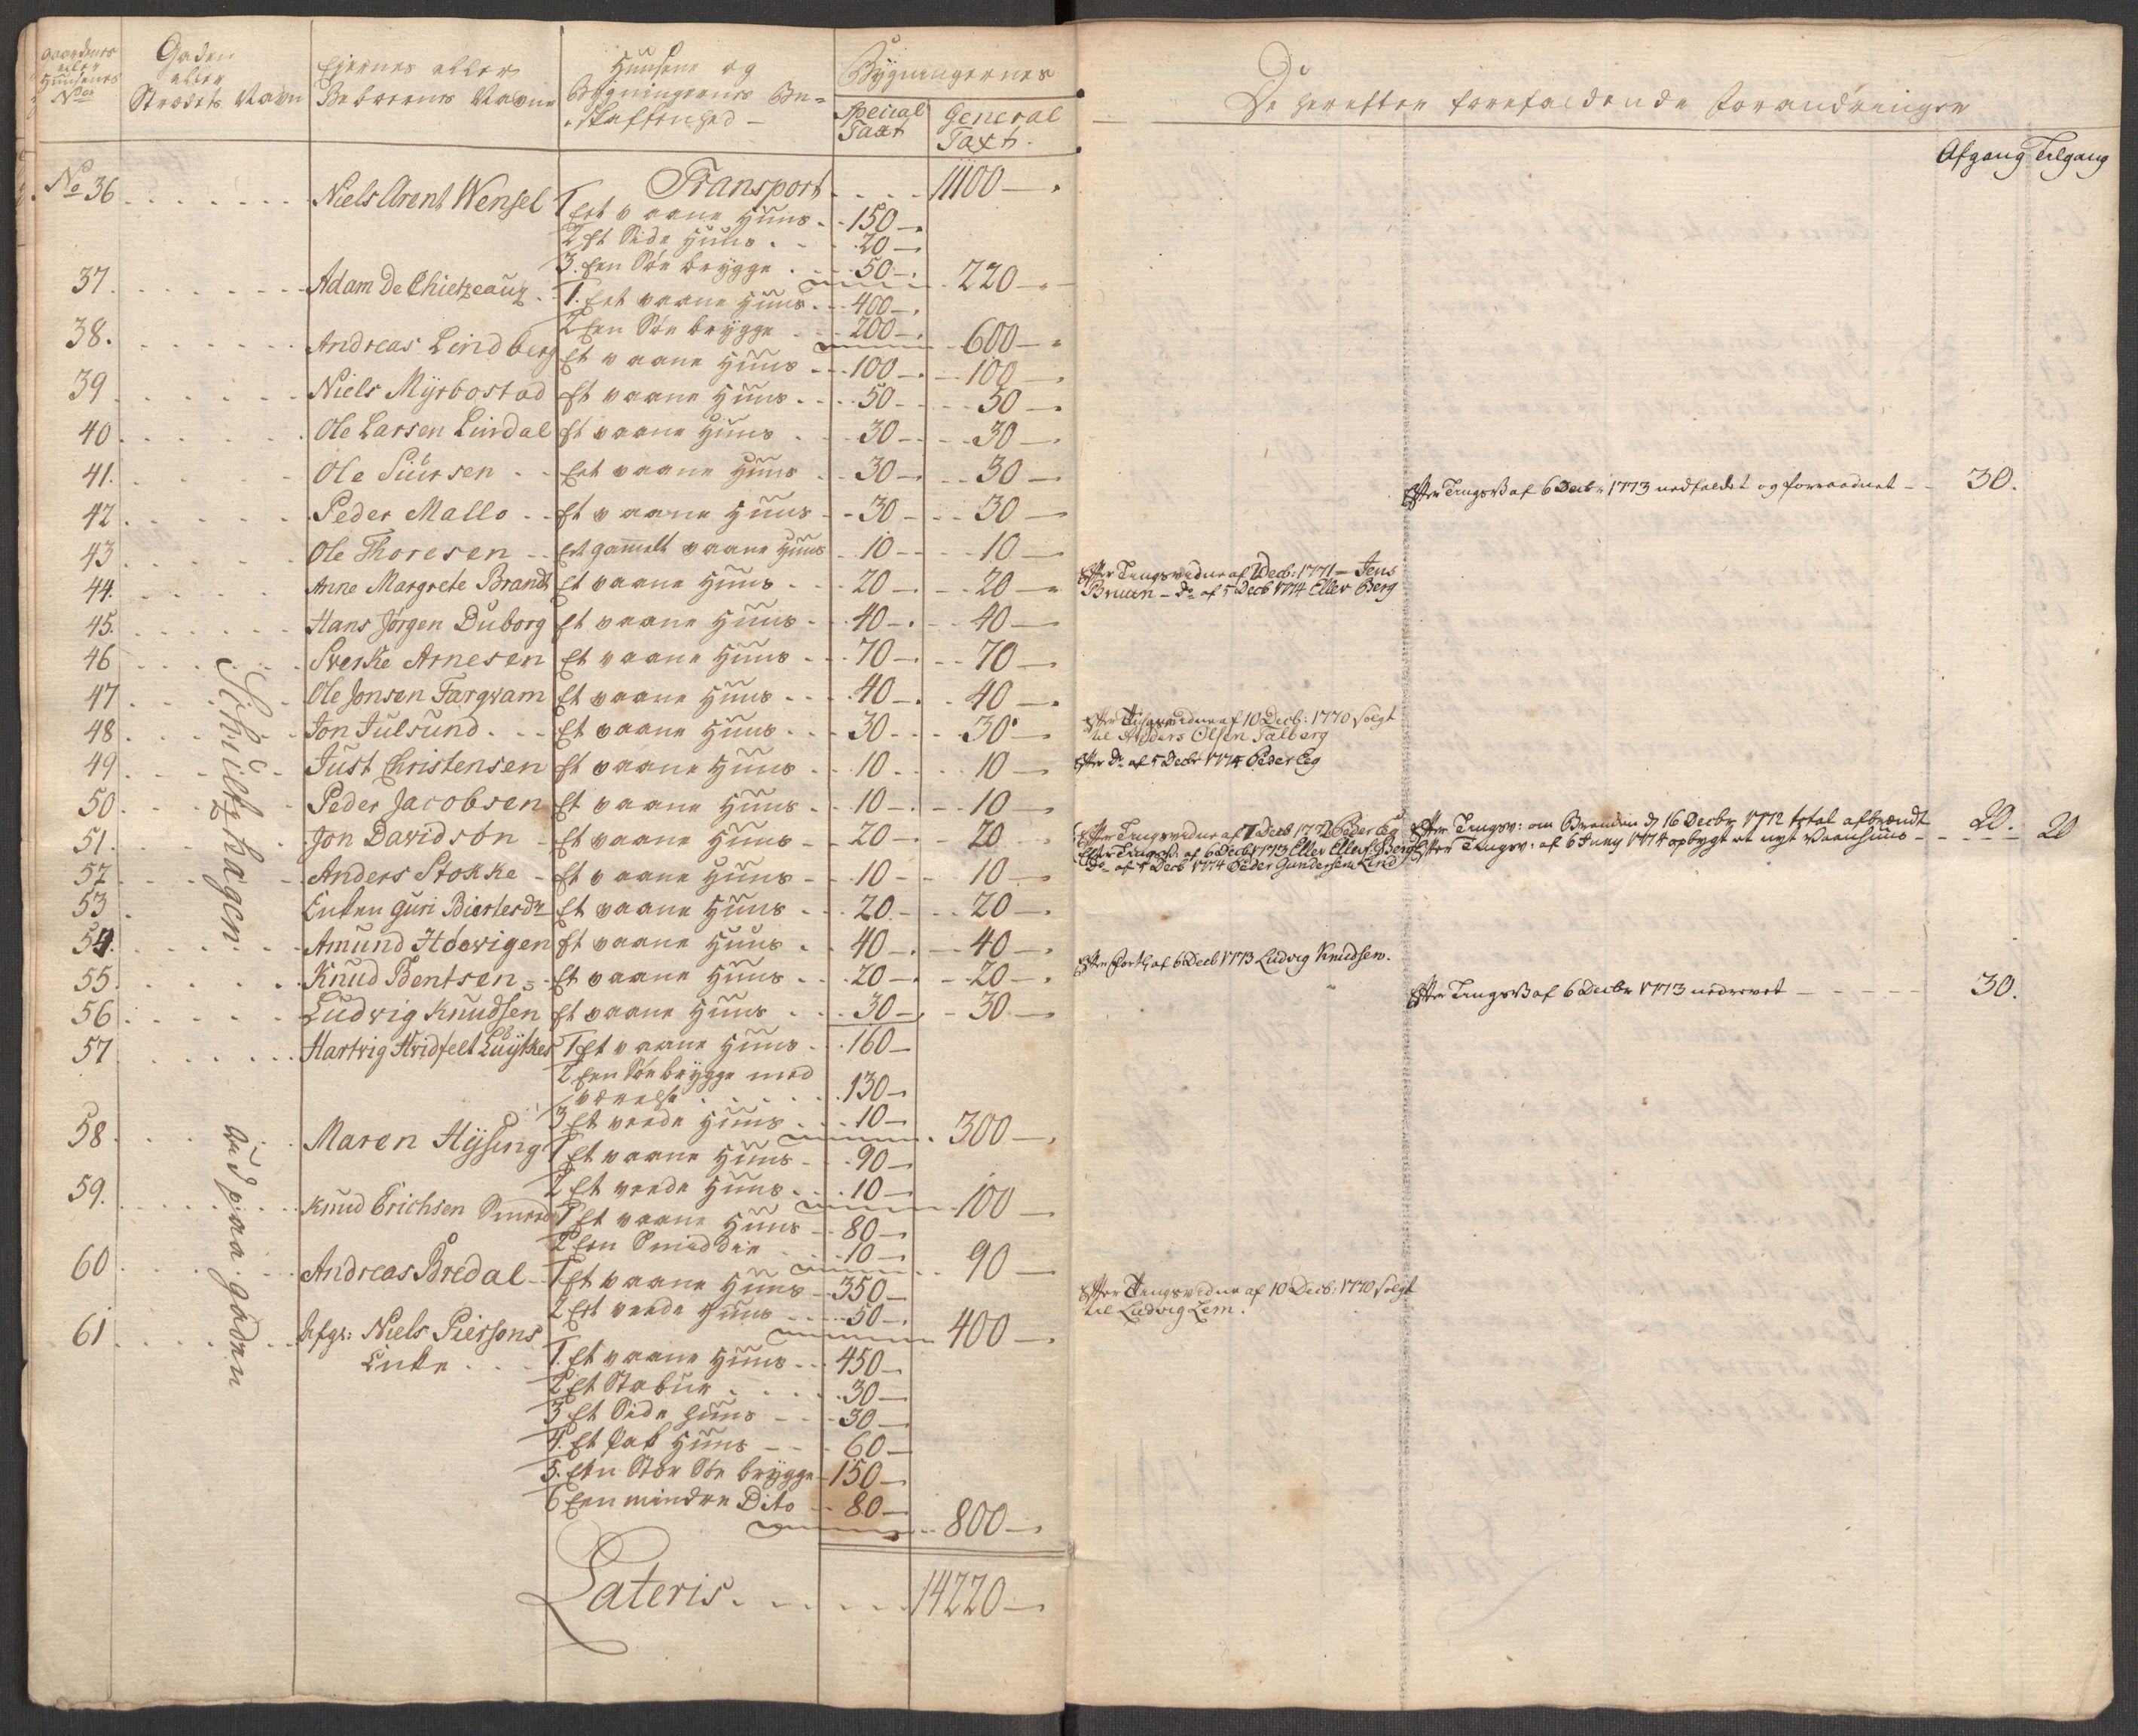 RA, Kommersekollegiet, Brannforsikringskontoret 1767-1814, F/Fa/L0039: Molde, 1767-1817